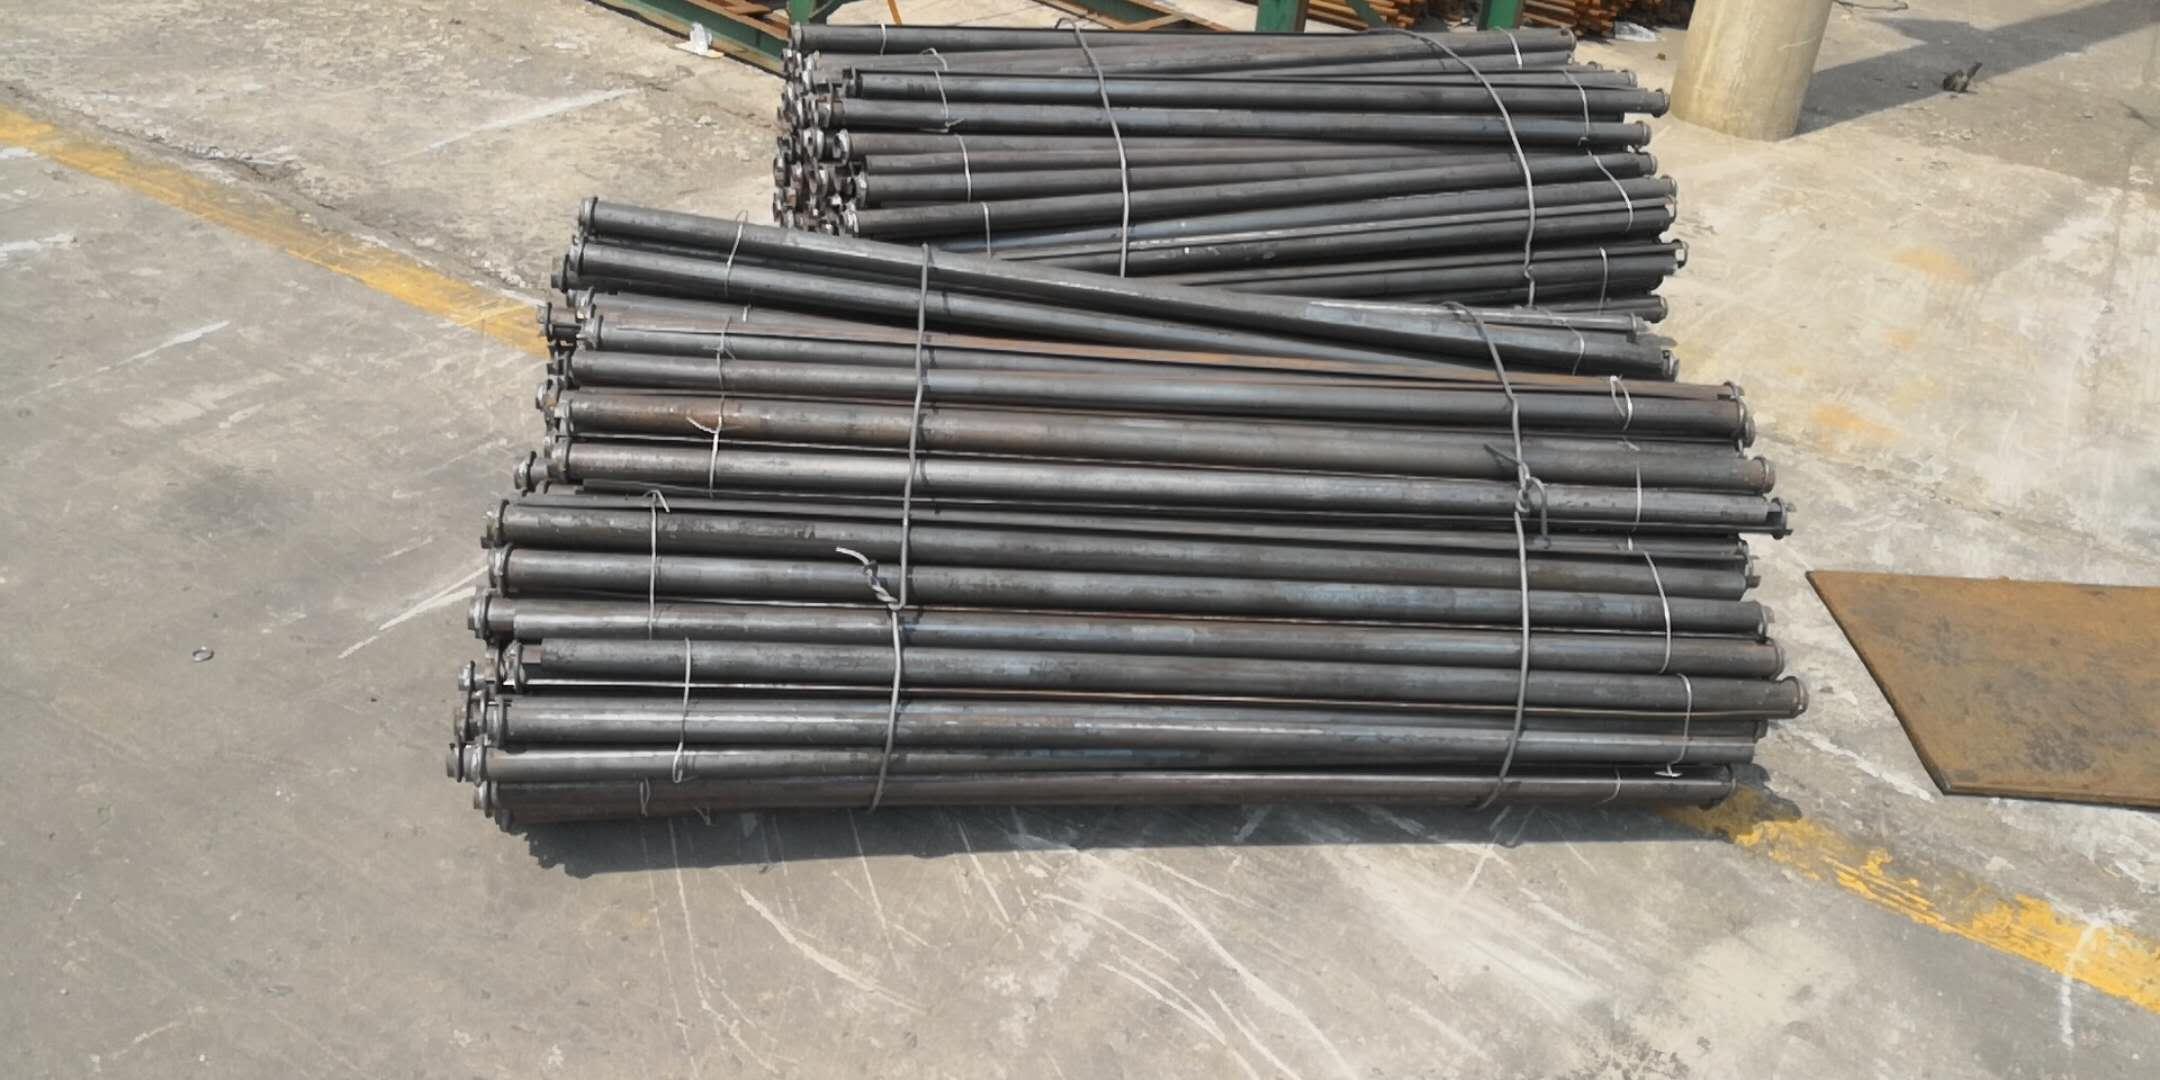 厂家批发管缝锚杆 管缝锚杆价格 管缝锚杆型号